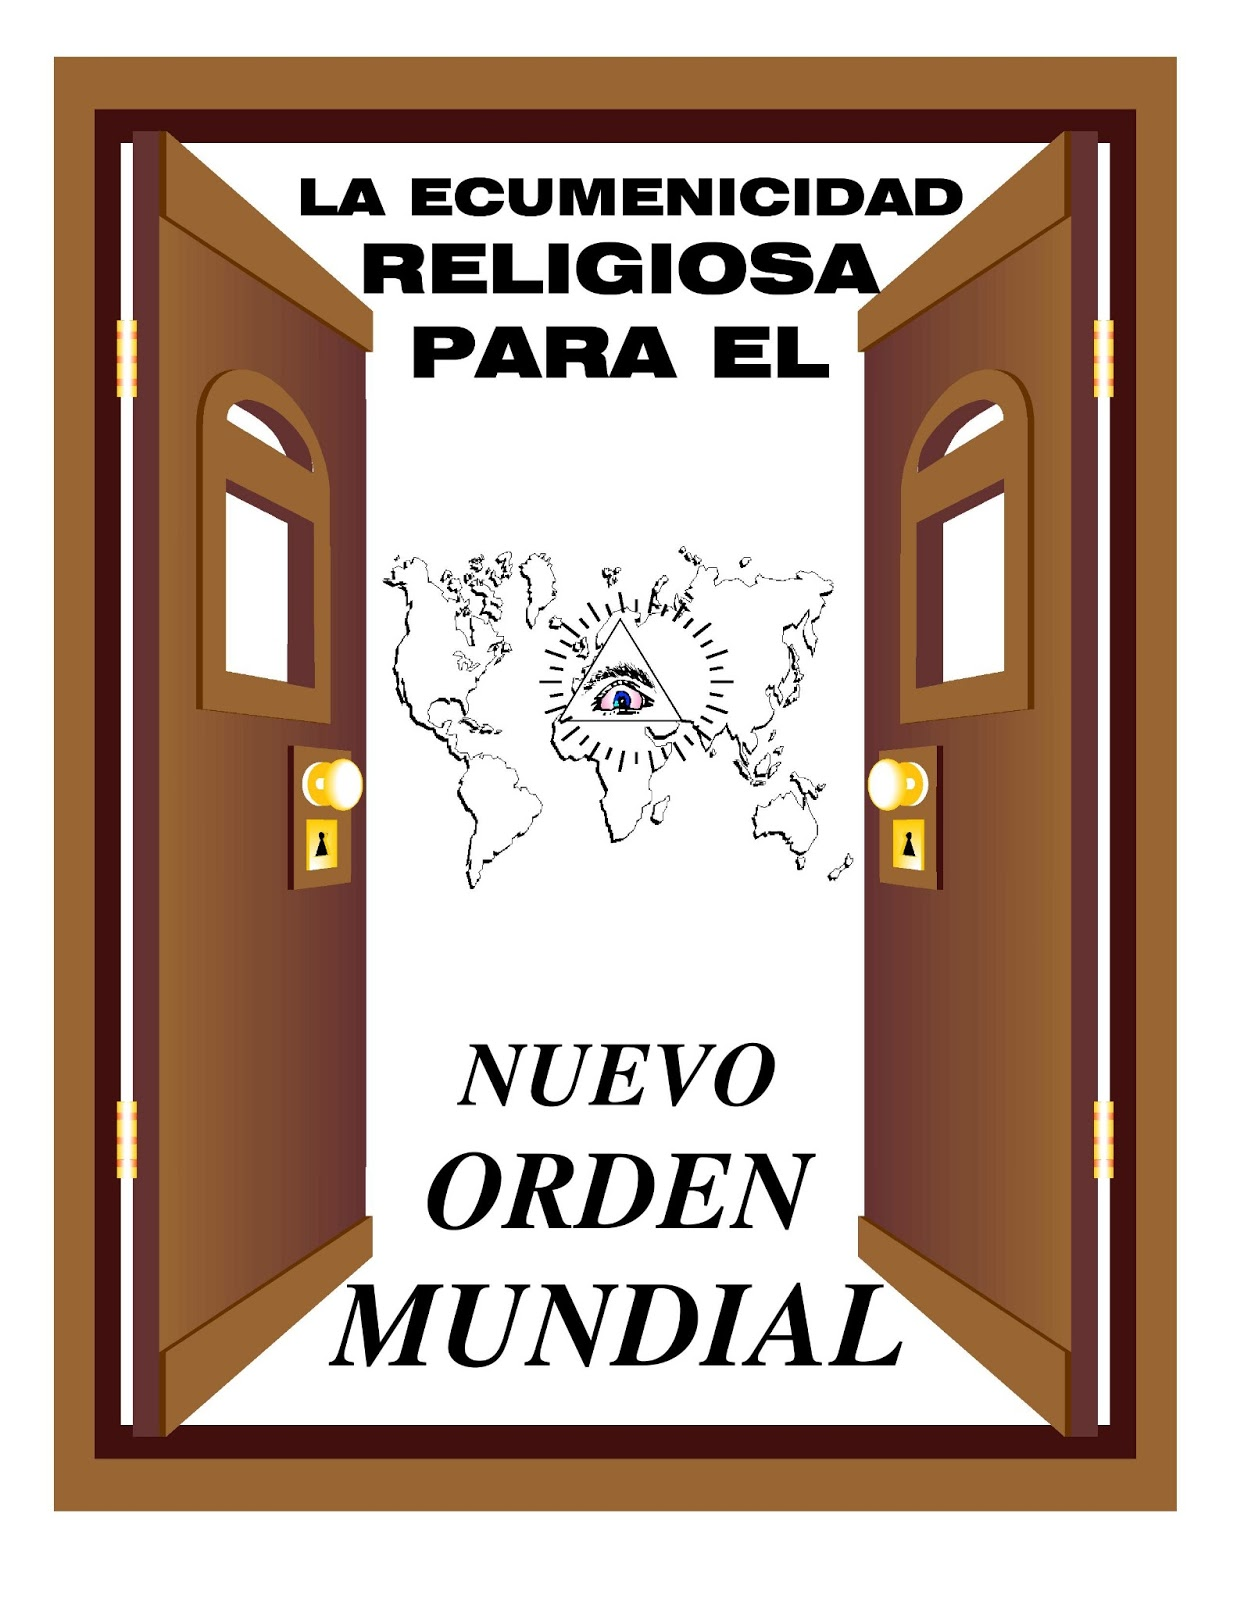 La Ecumenicidad Religiosa Para El Nuevo Orden Mundial